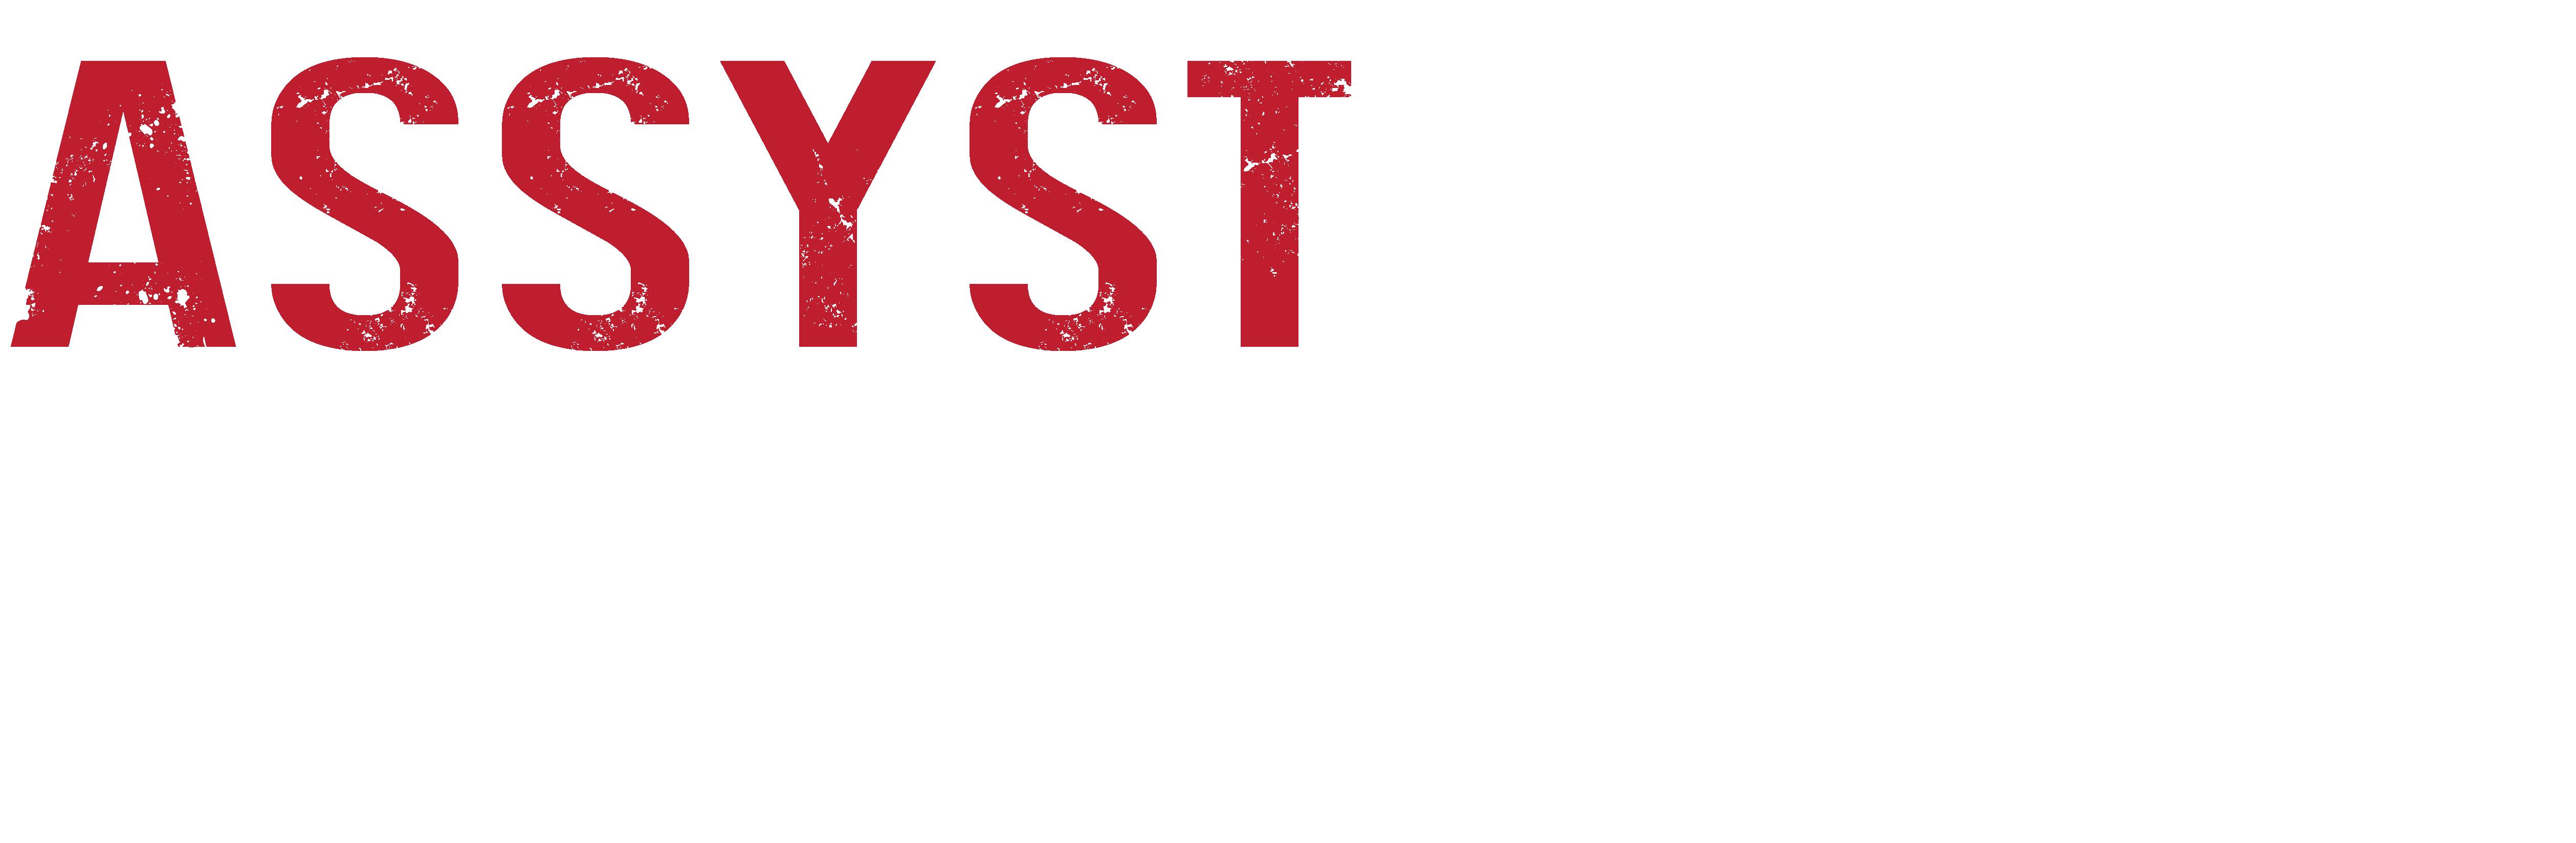 Assyst Media